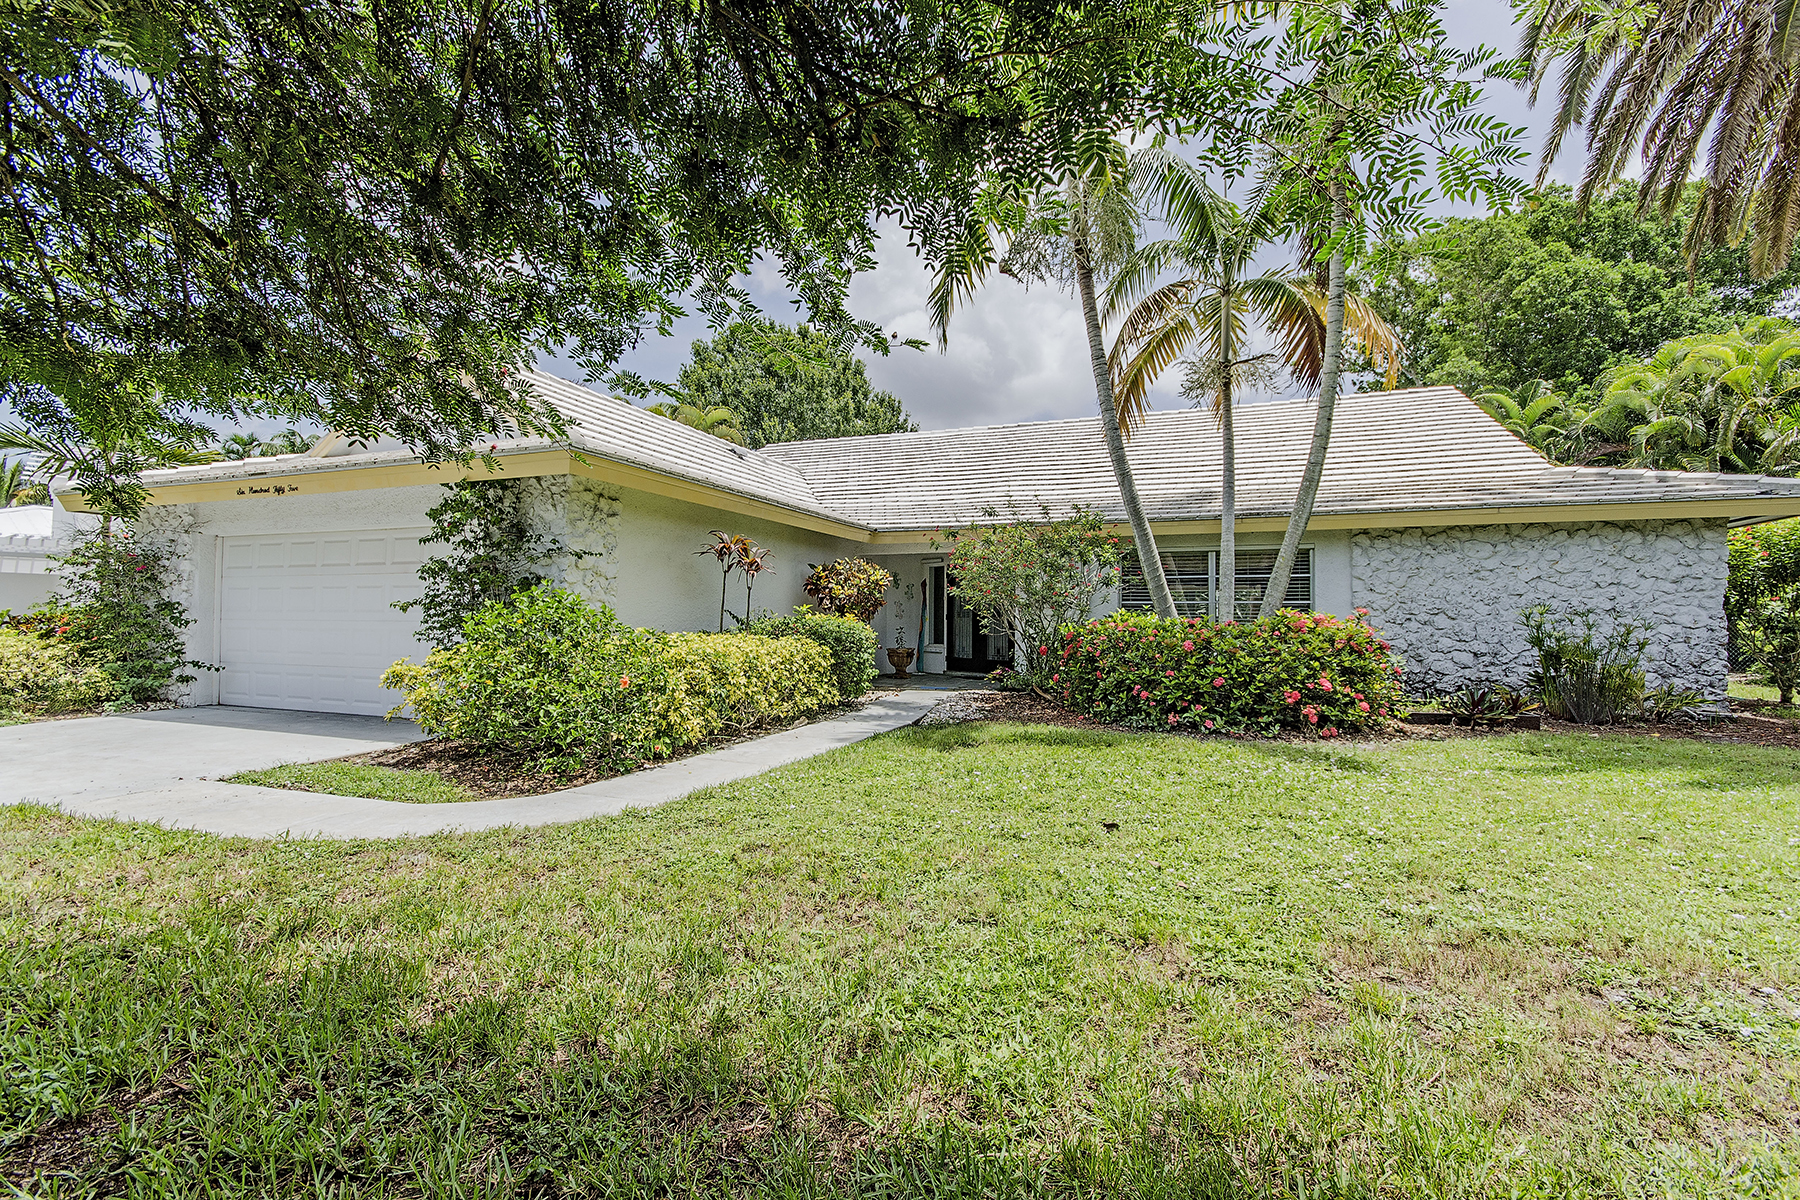 Maison unifamiliale pour l Vente à PARK SHORE 655 Park Shore Dr Naples, Florida 34103 États-Unis